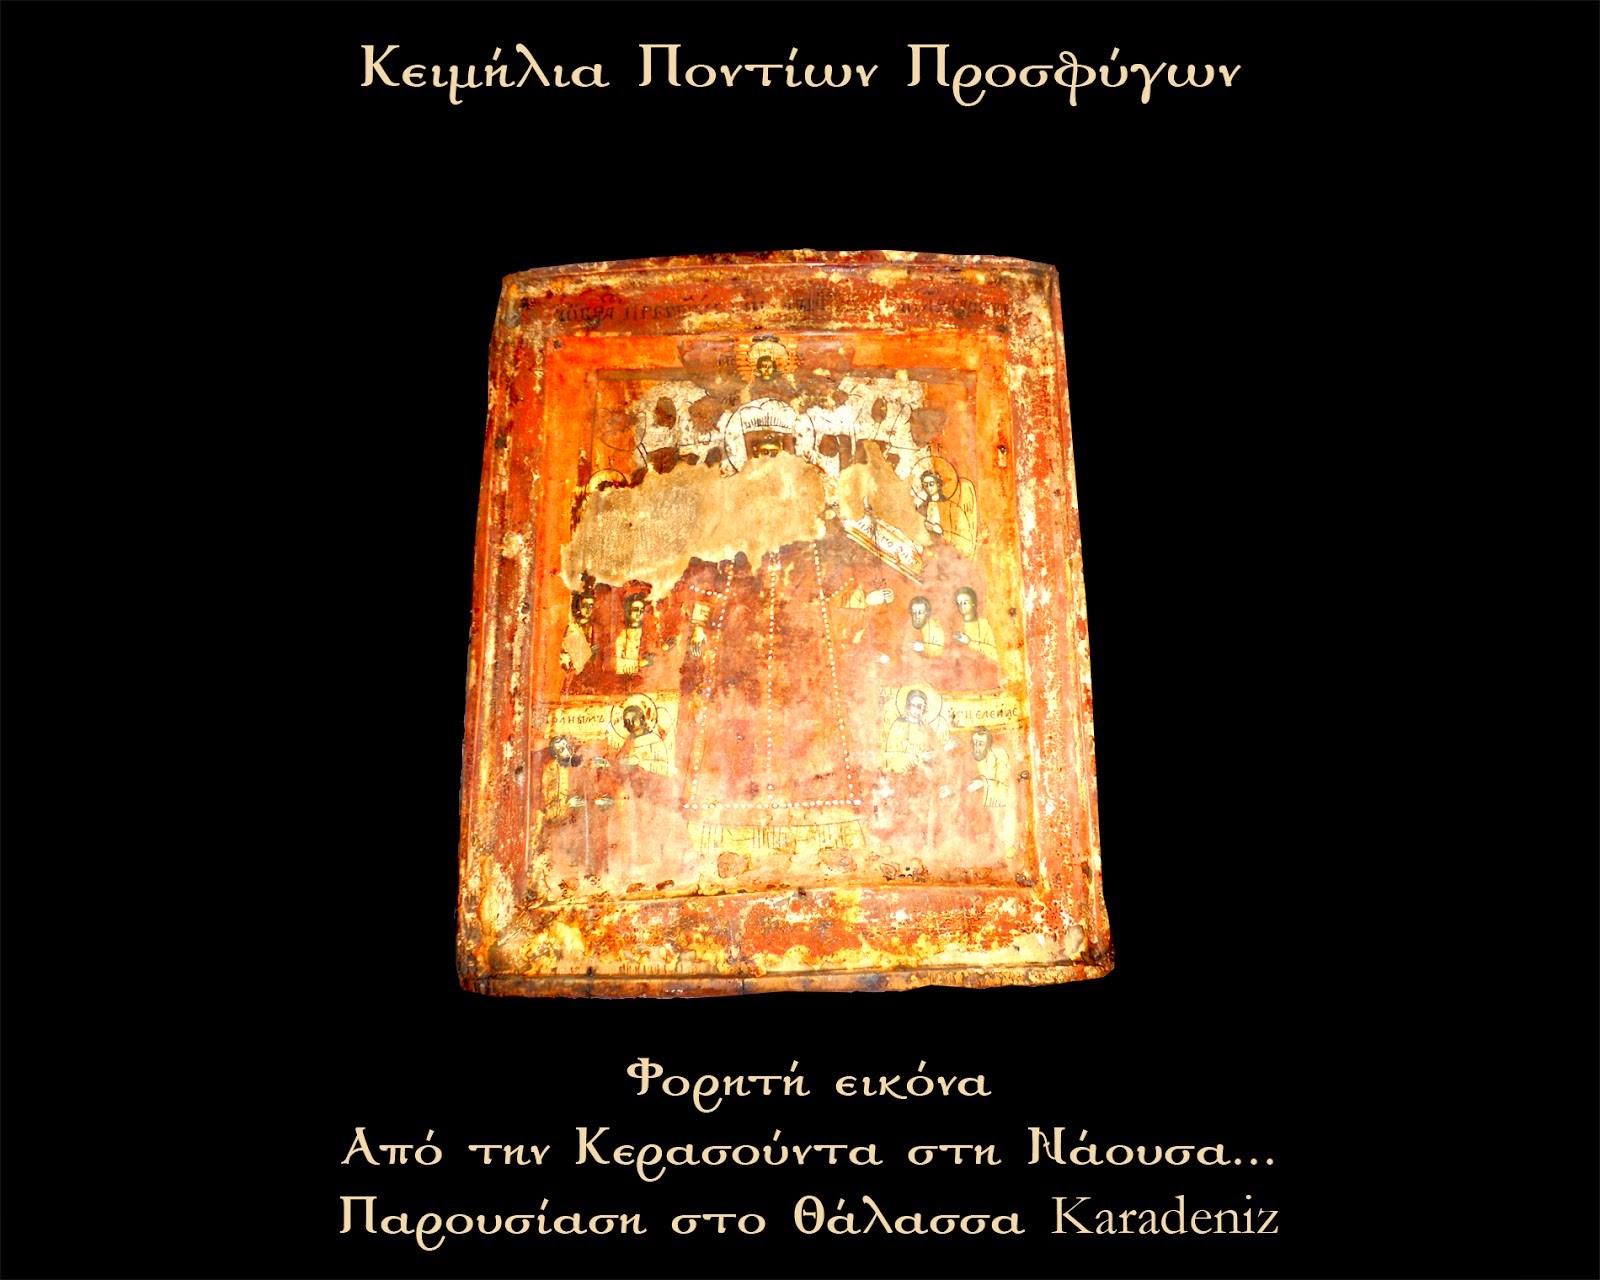 Προσφυγικά κειμήλια(διάφορα αρχεία)